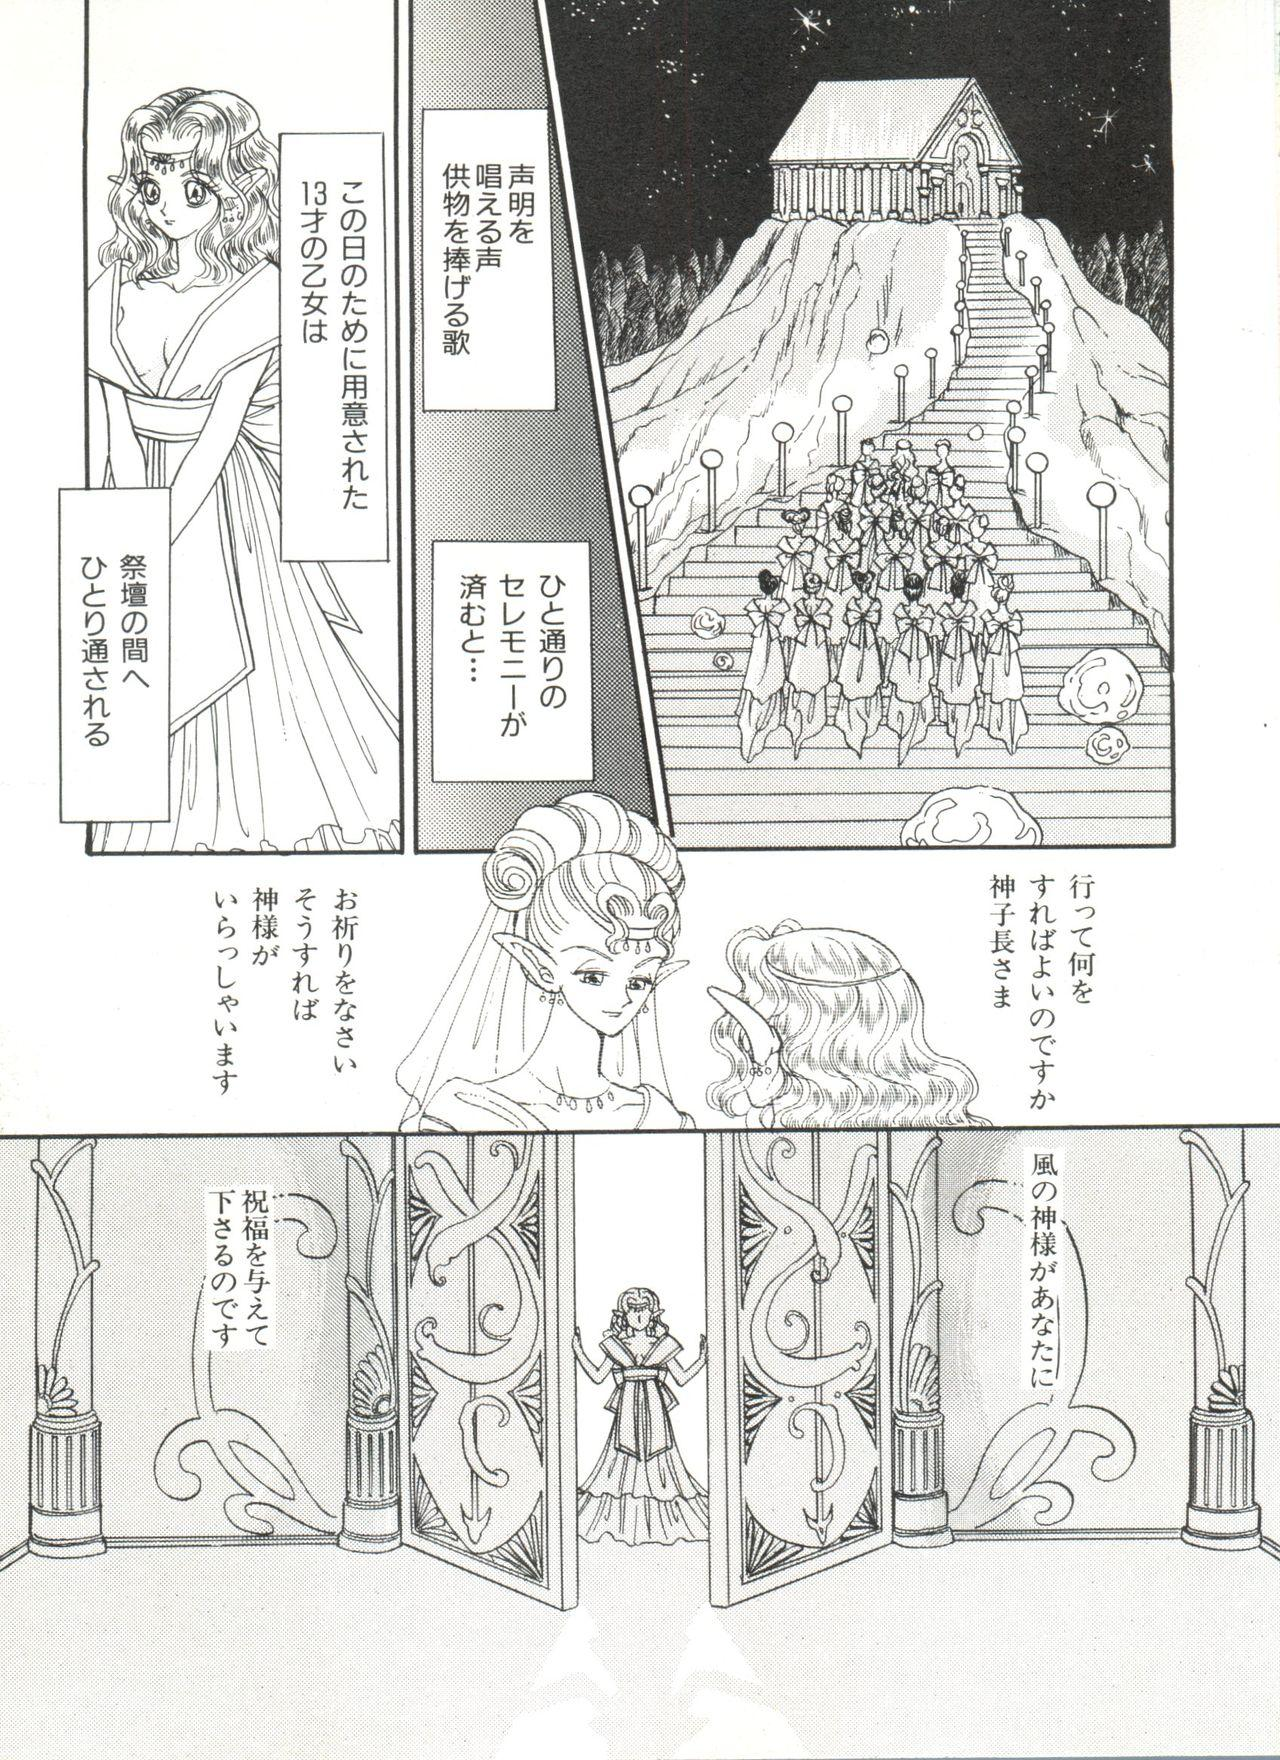 Bishoujo Doujinshi Anthology 6 108